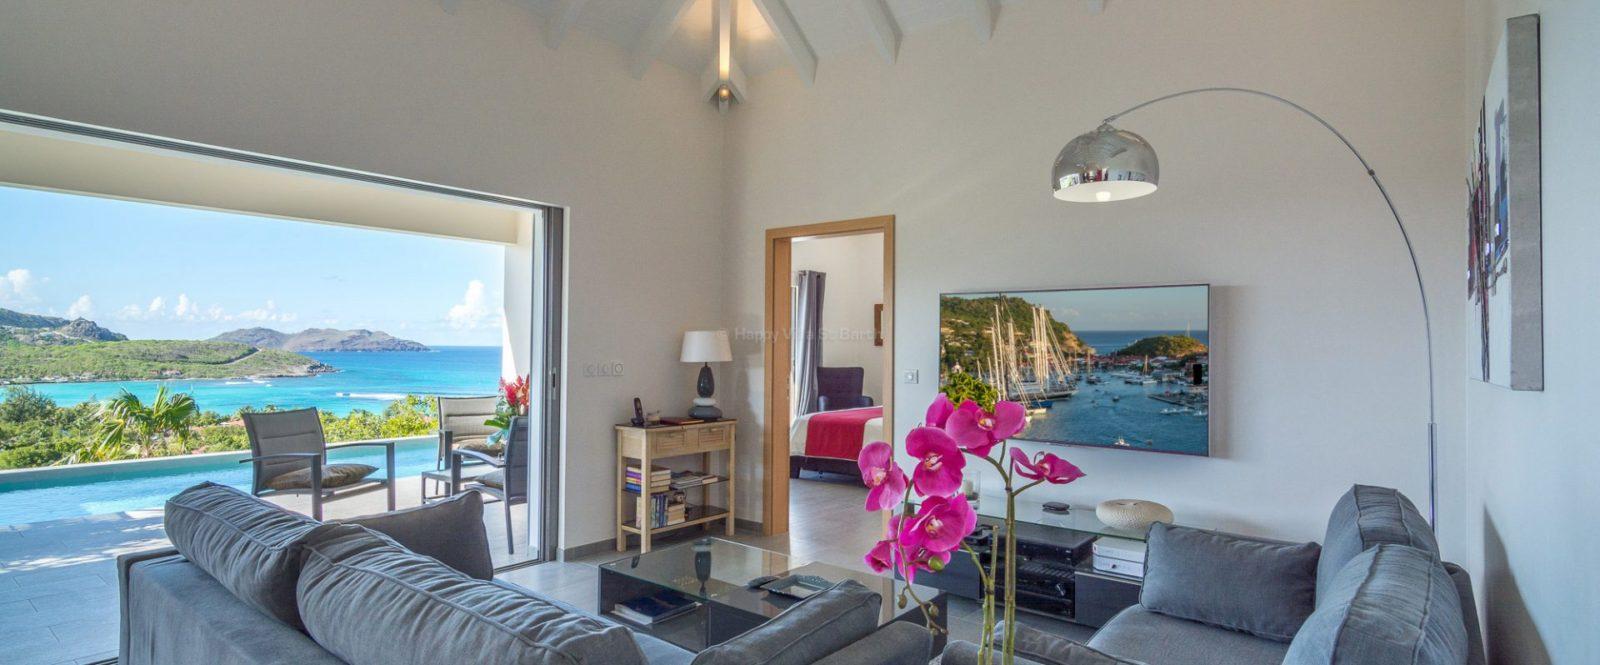 SUITE ACAJOUS - villa-suite-acajous-12